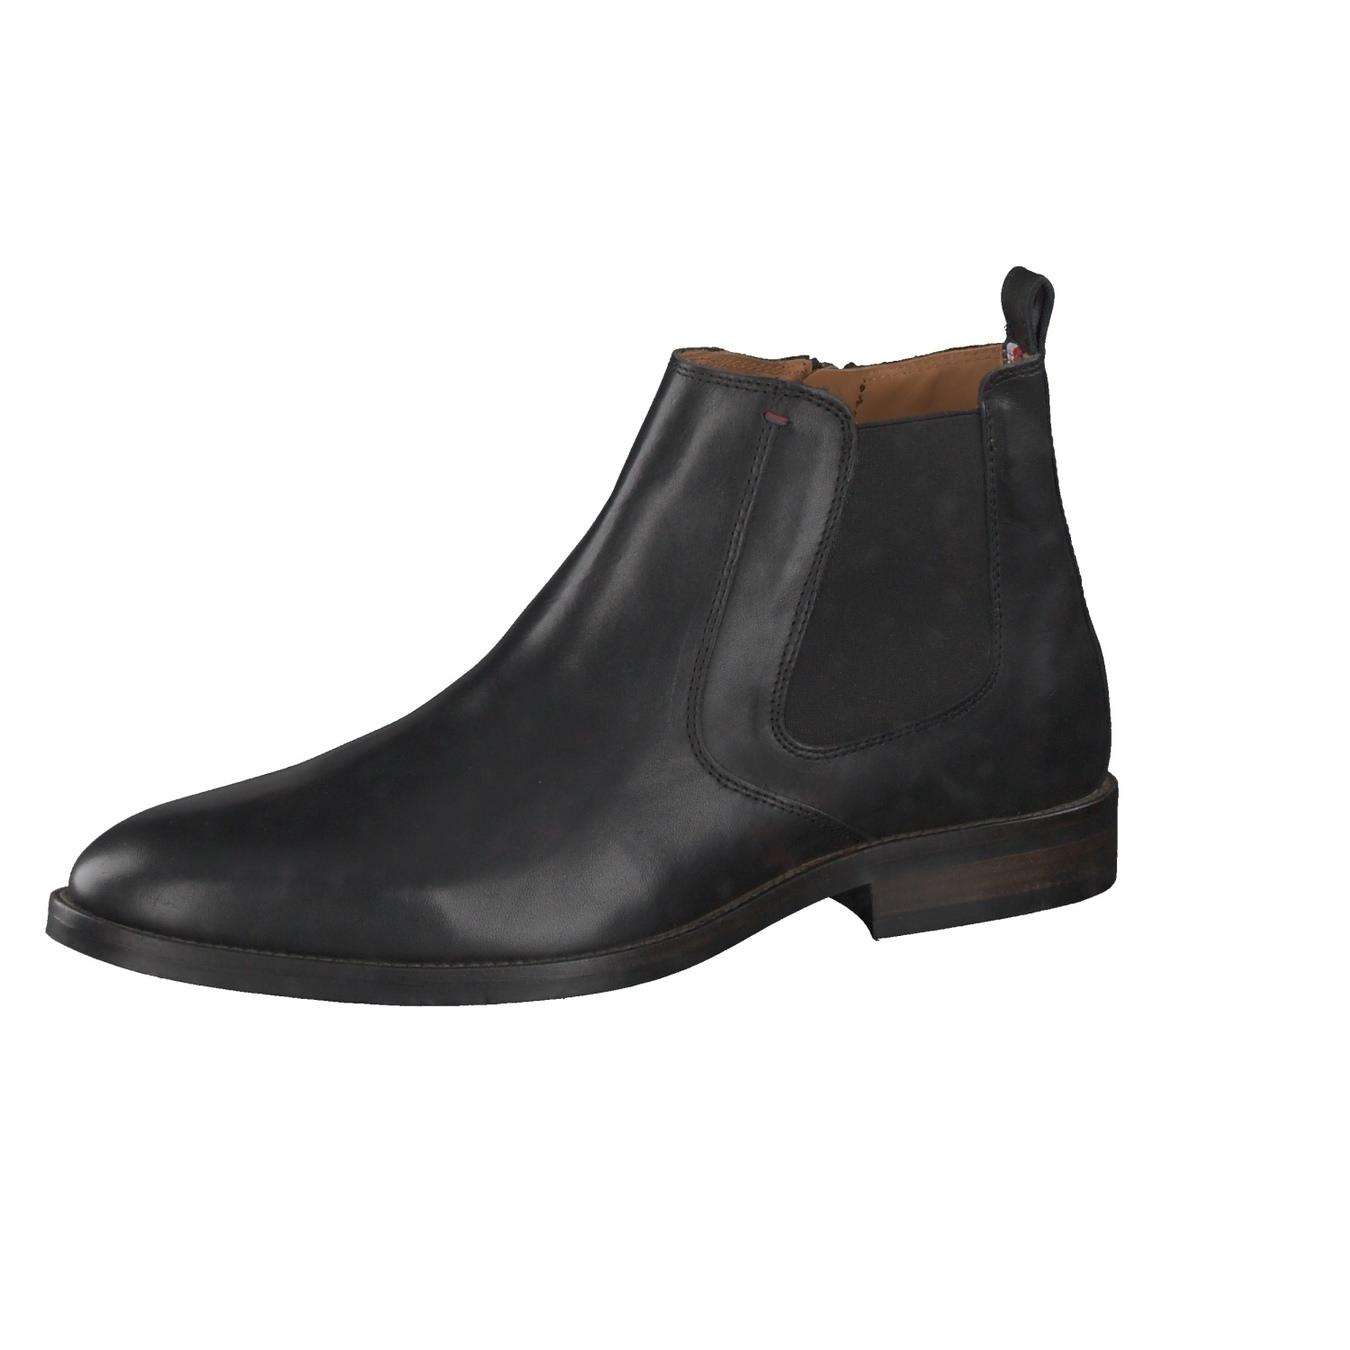 3efcfea0f96e34 Tommy Hilfiger Herren Boots in schwarz kaufen